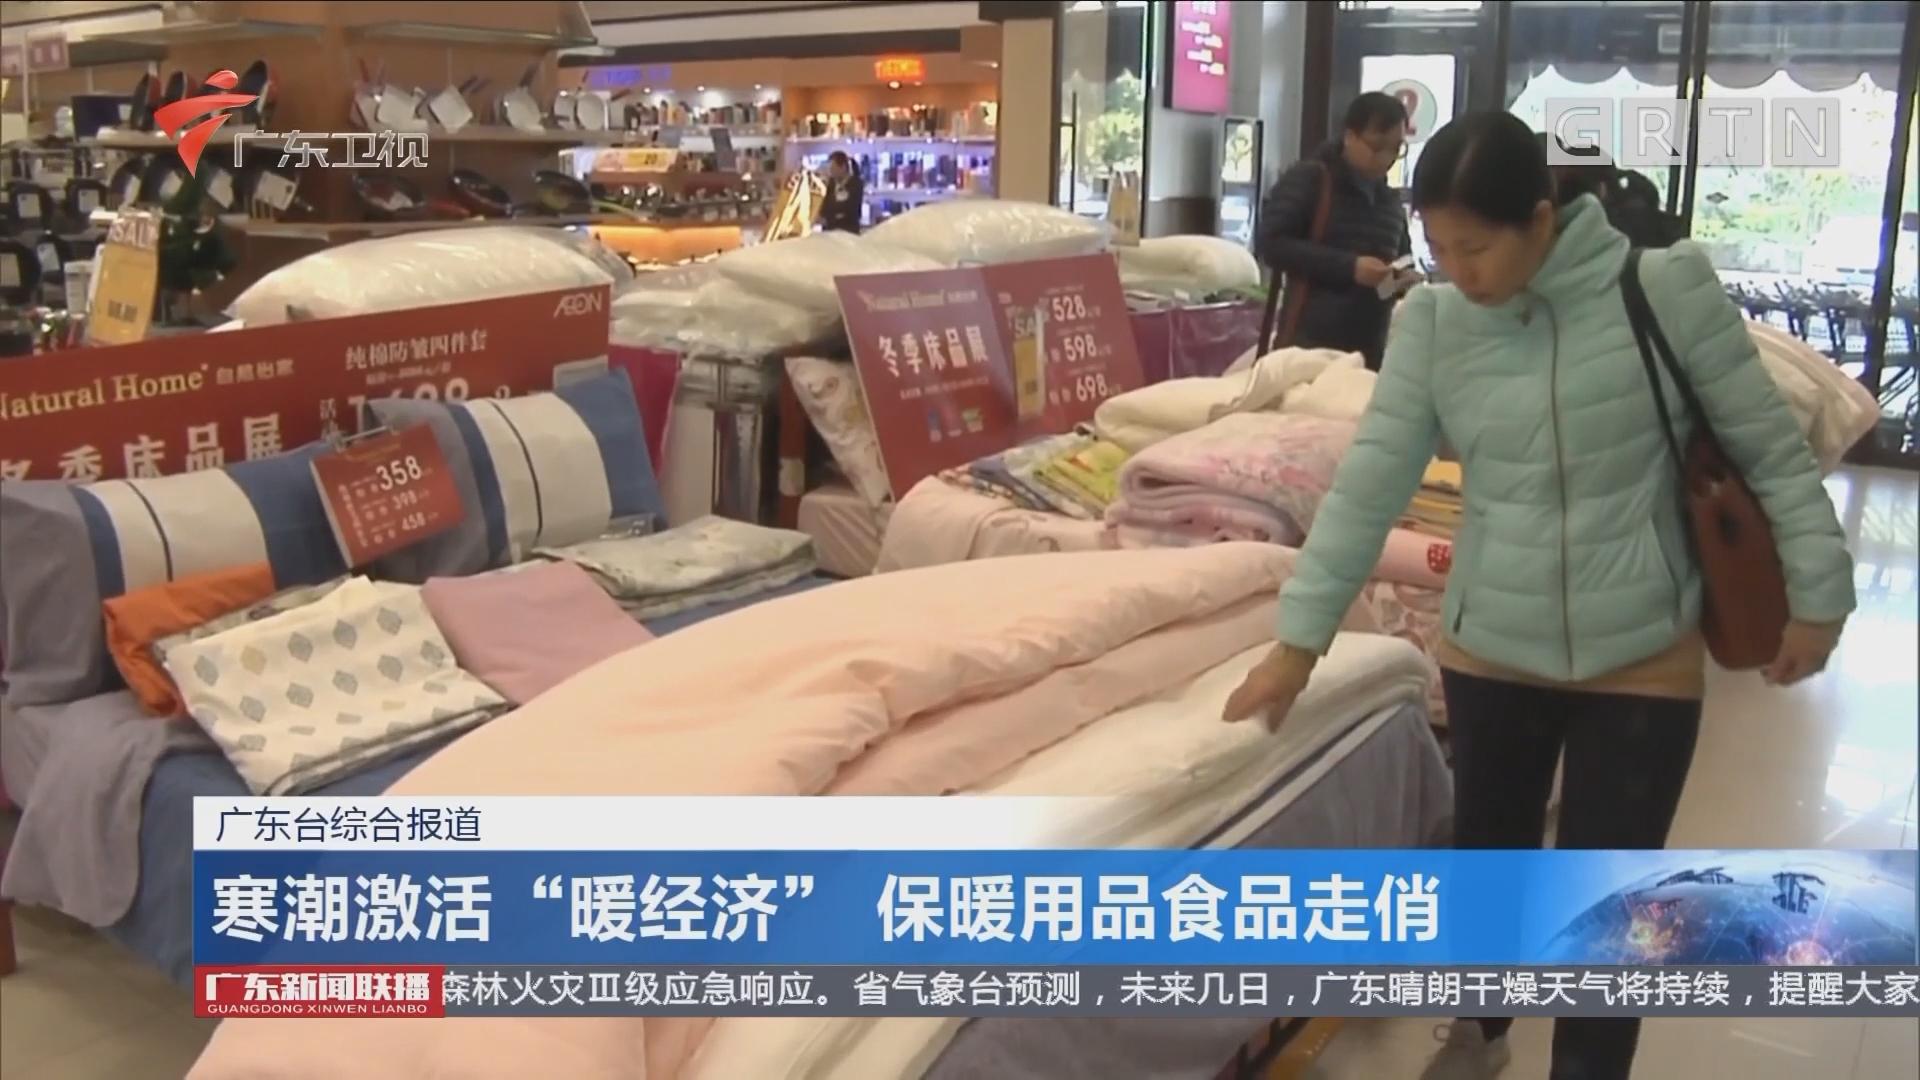 """寒潮激活""""暖经济"""" 保暖用品食品走俏"""